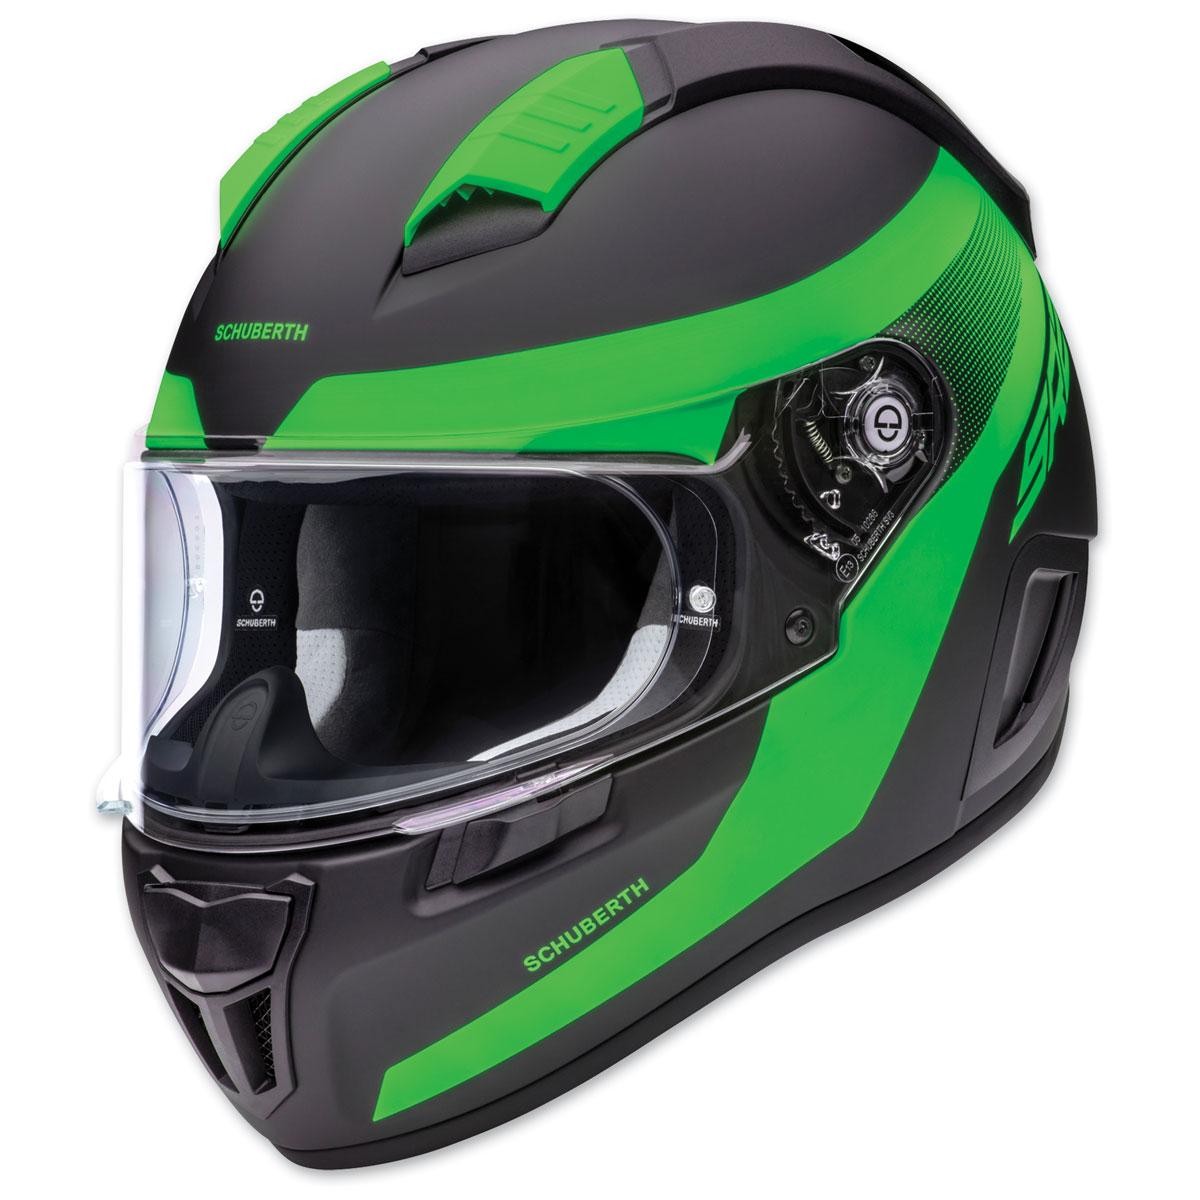 Schuberth SR2 Resonance Green Full Face Helmet